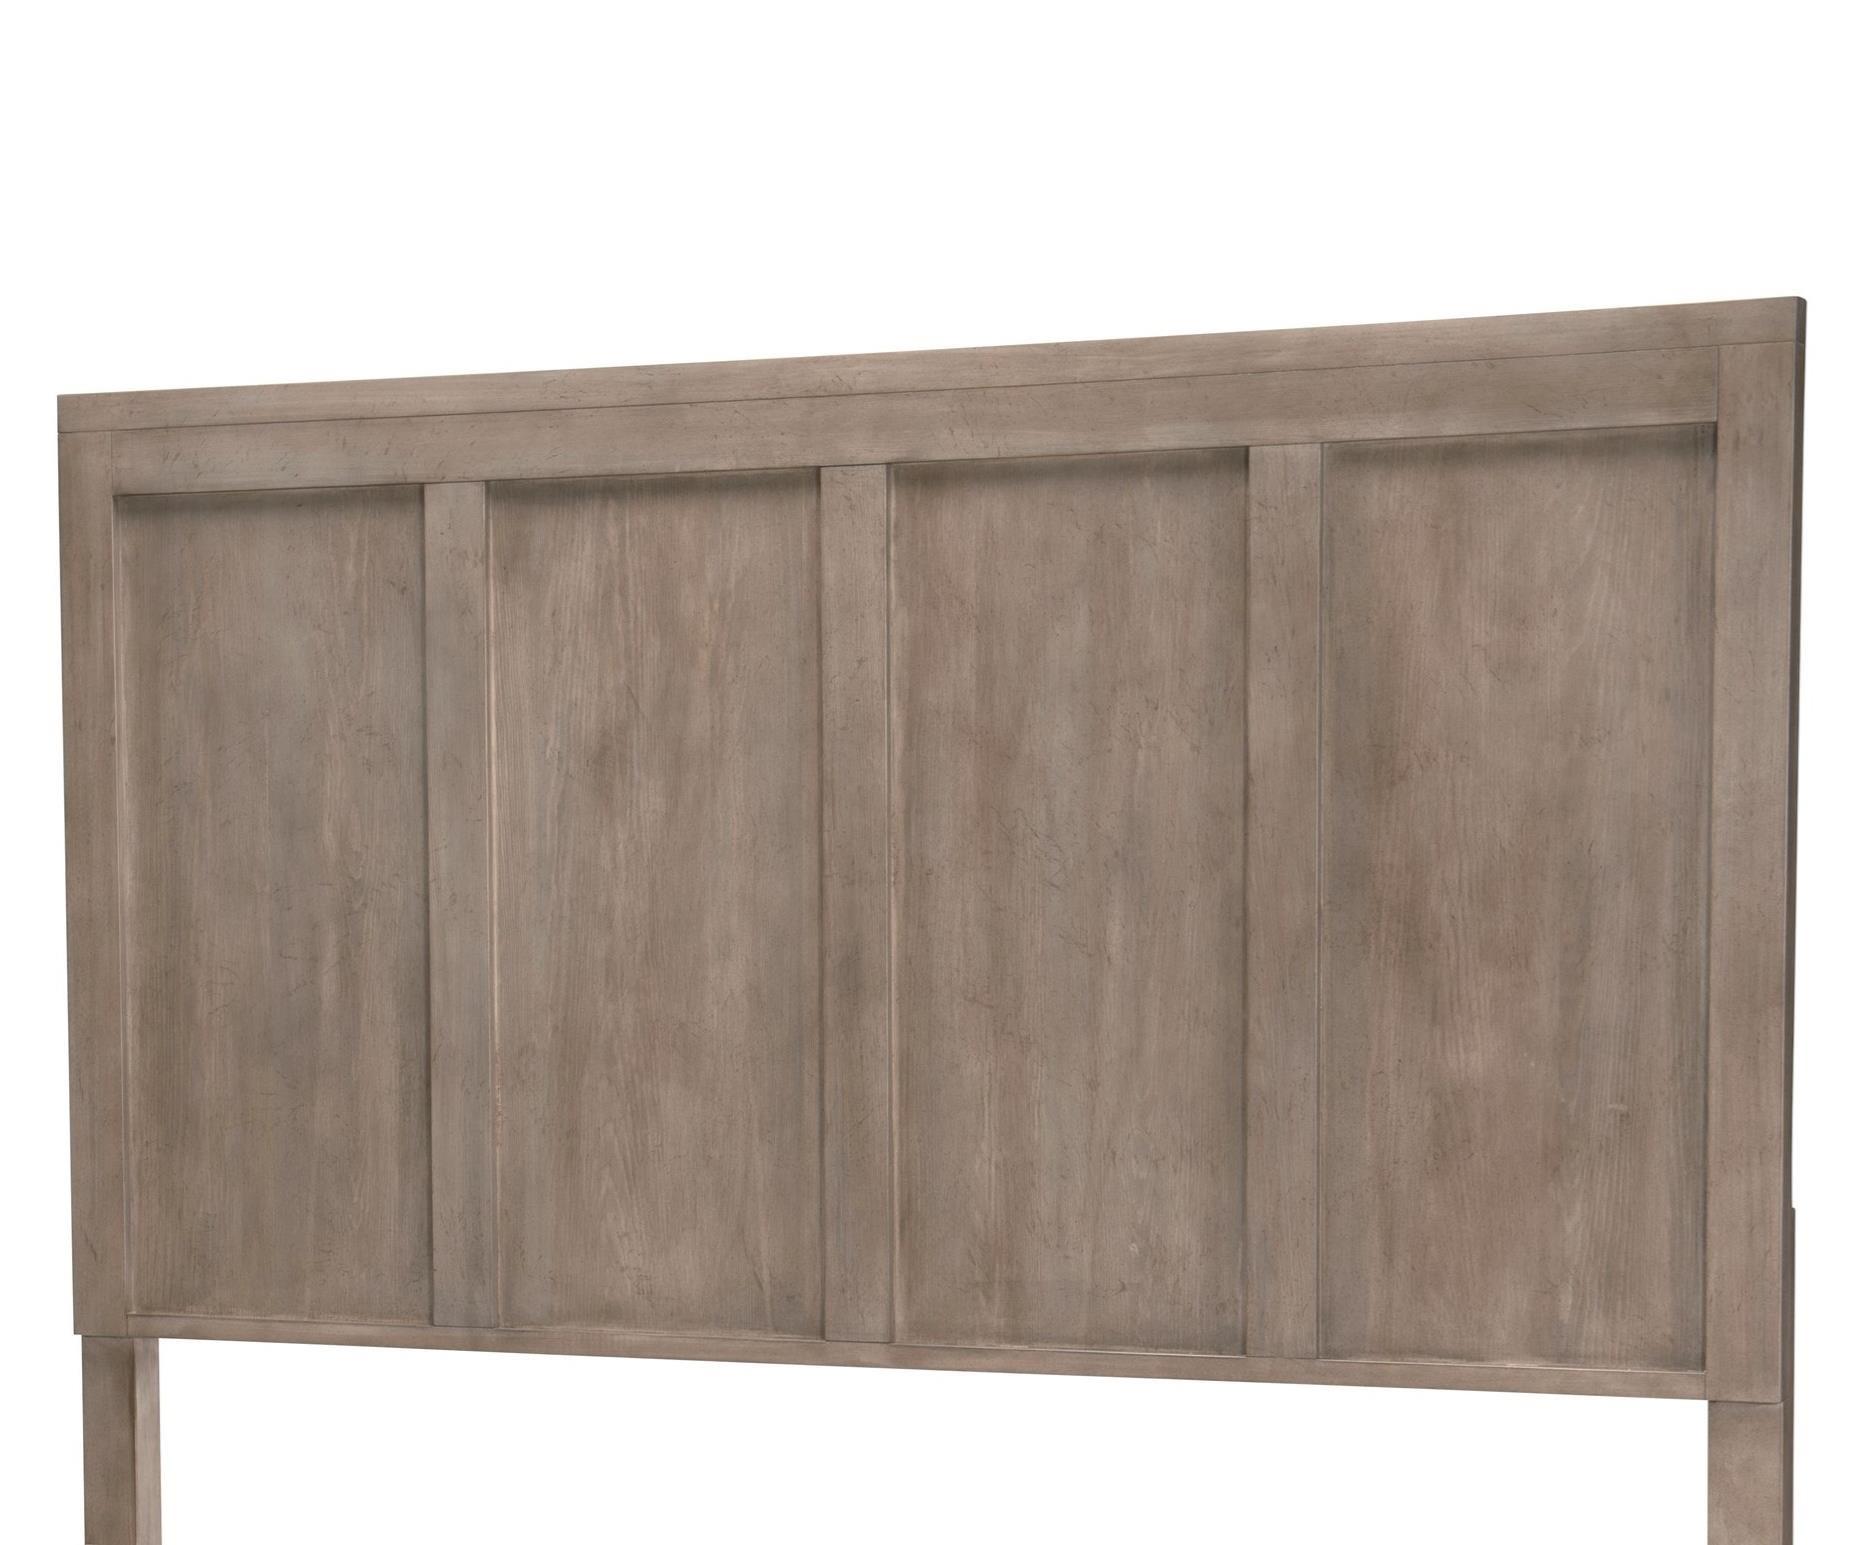 King/CA King Panel Headboard